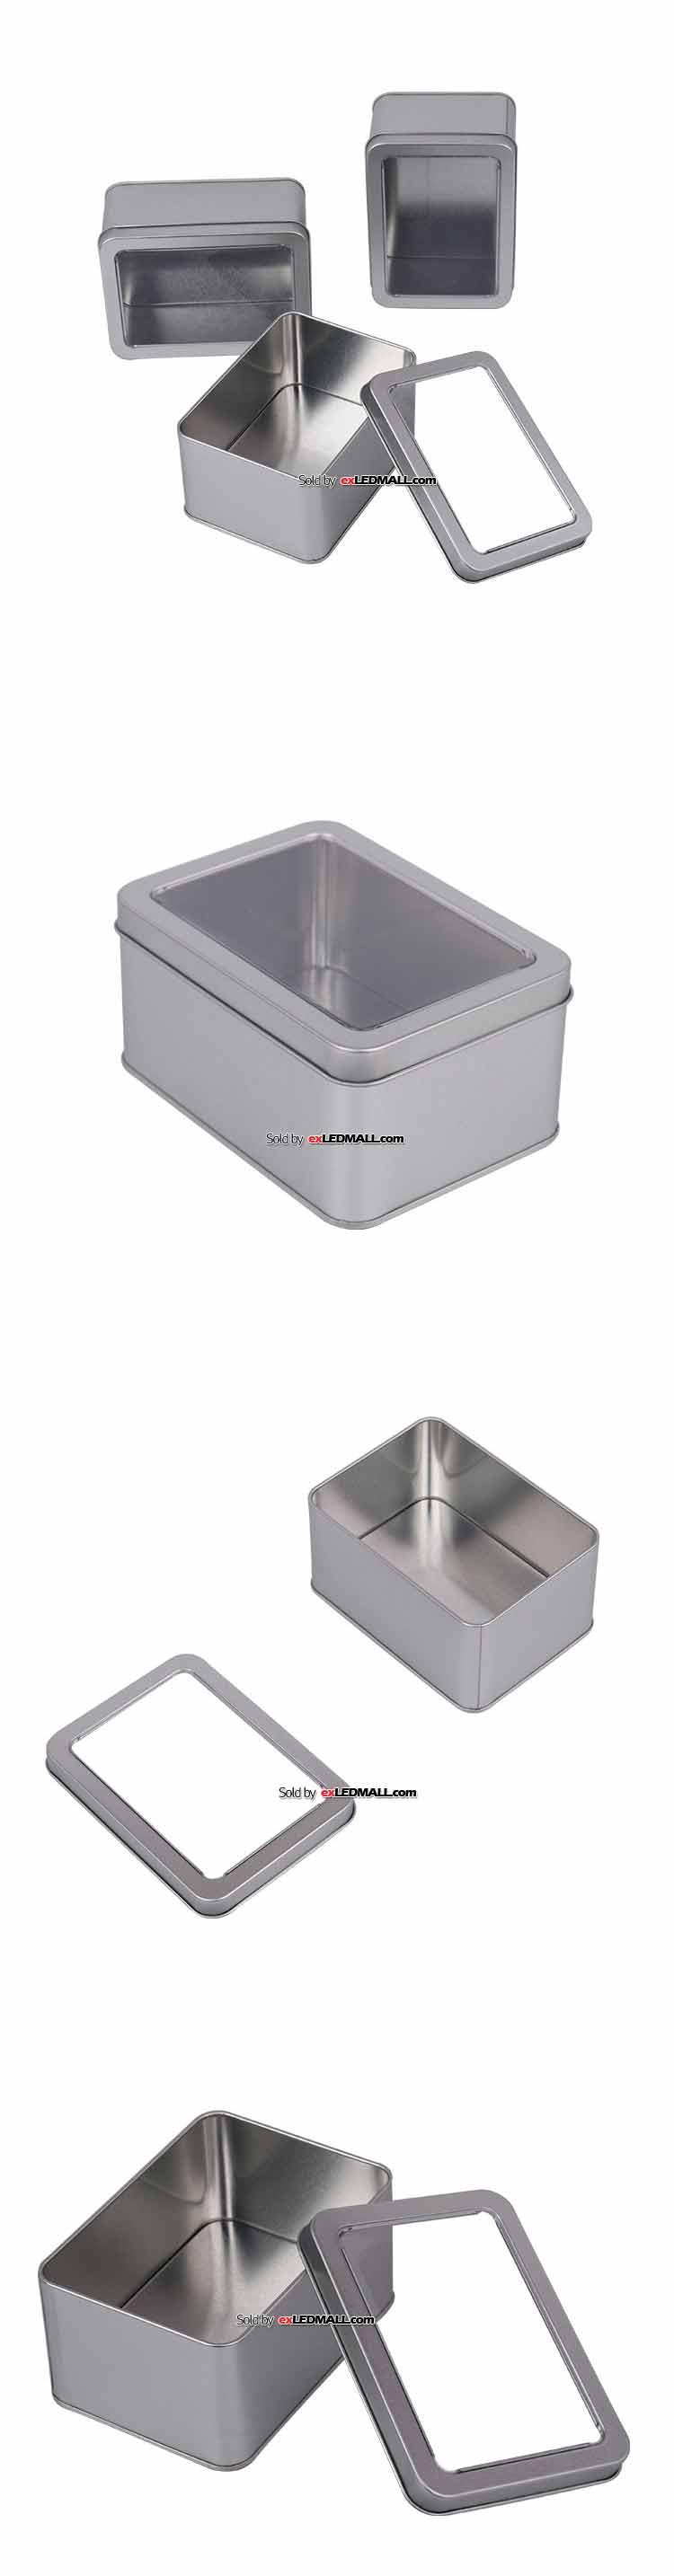 알루미늄 케이스 사각 투명창 125x92x60mm (부품통/피스통/나사통/넛트통)